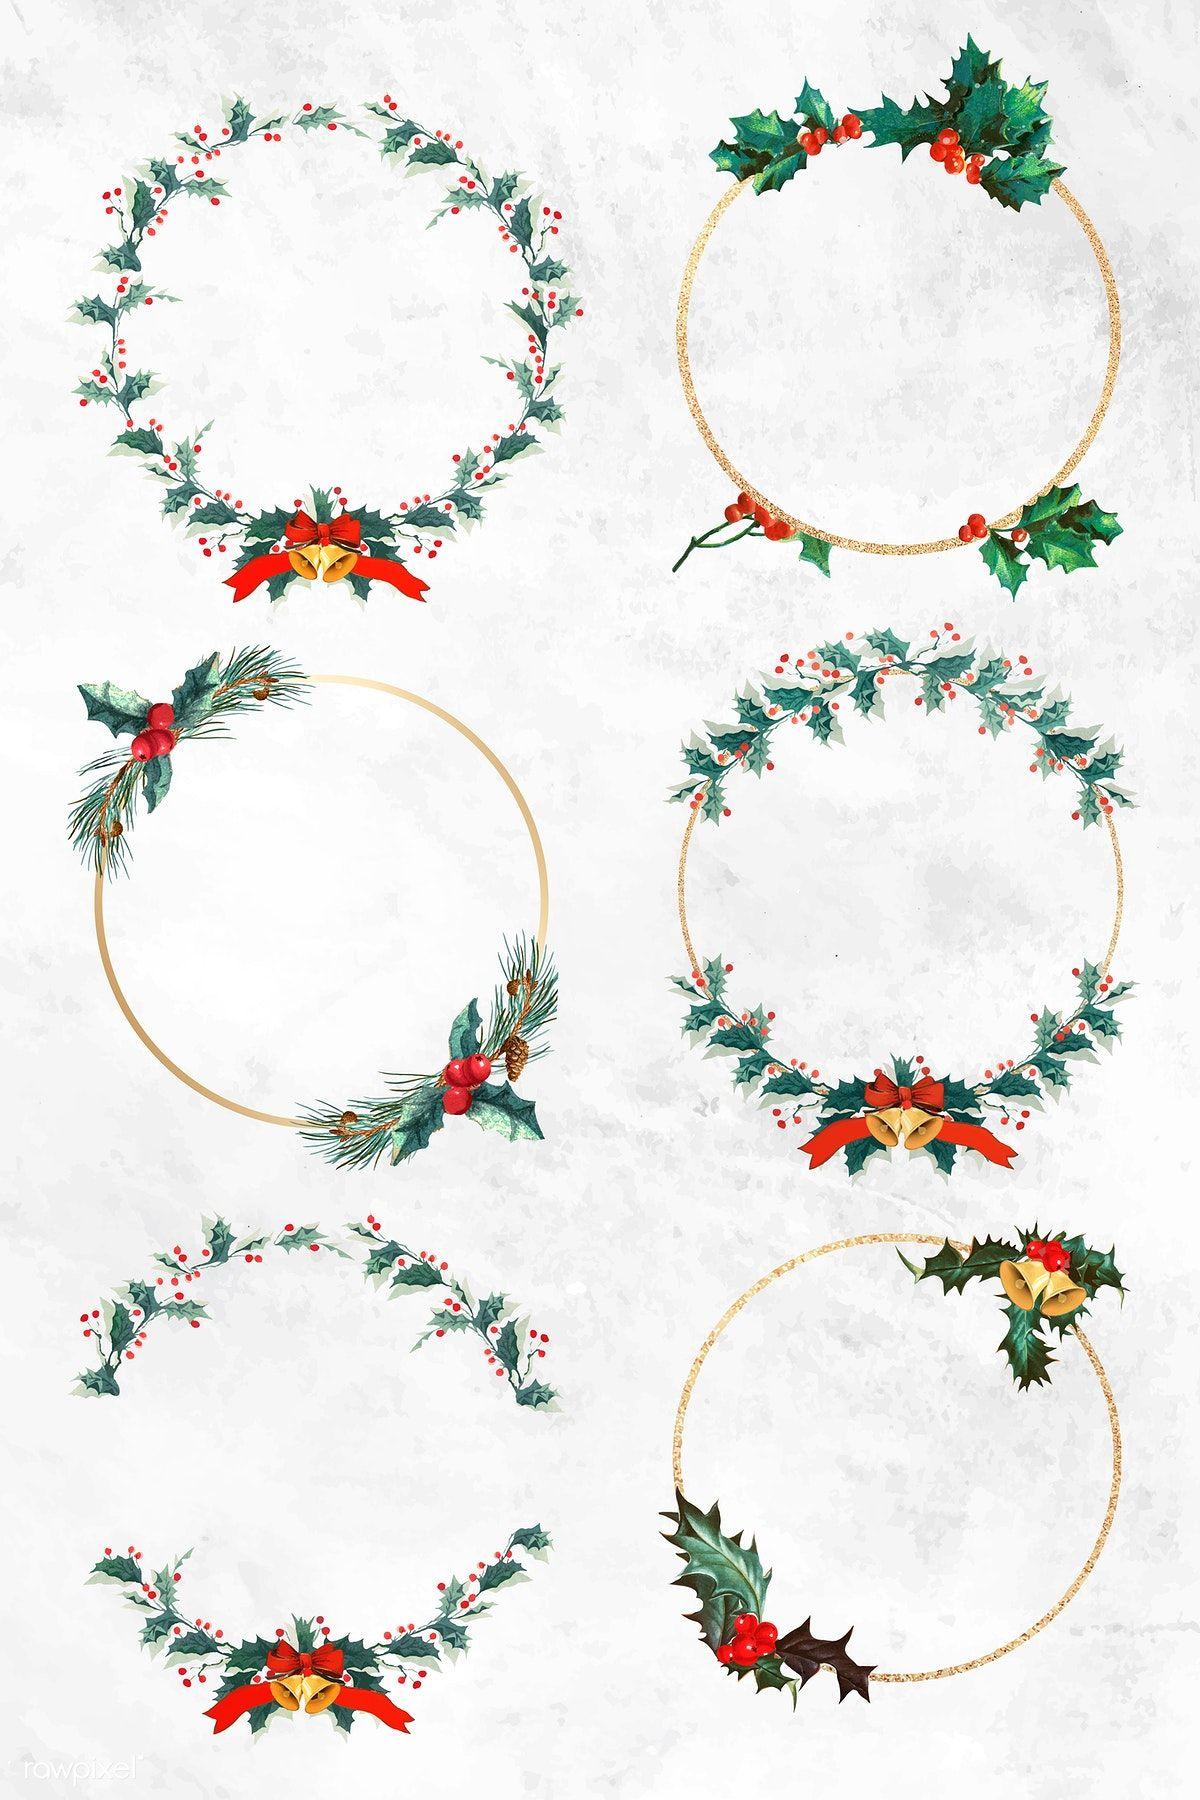 Download premium vector of Blank Christmas wreath vector